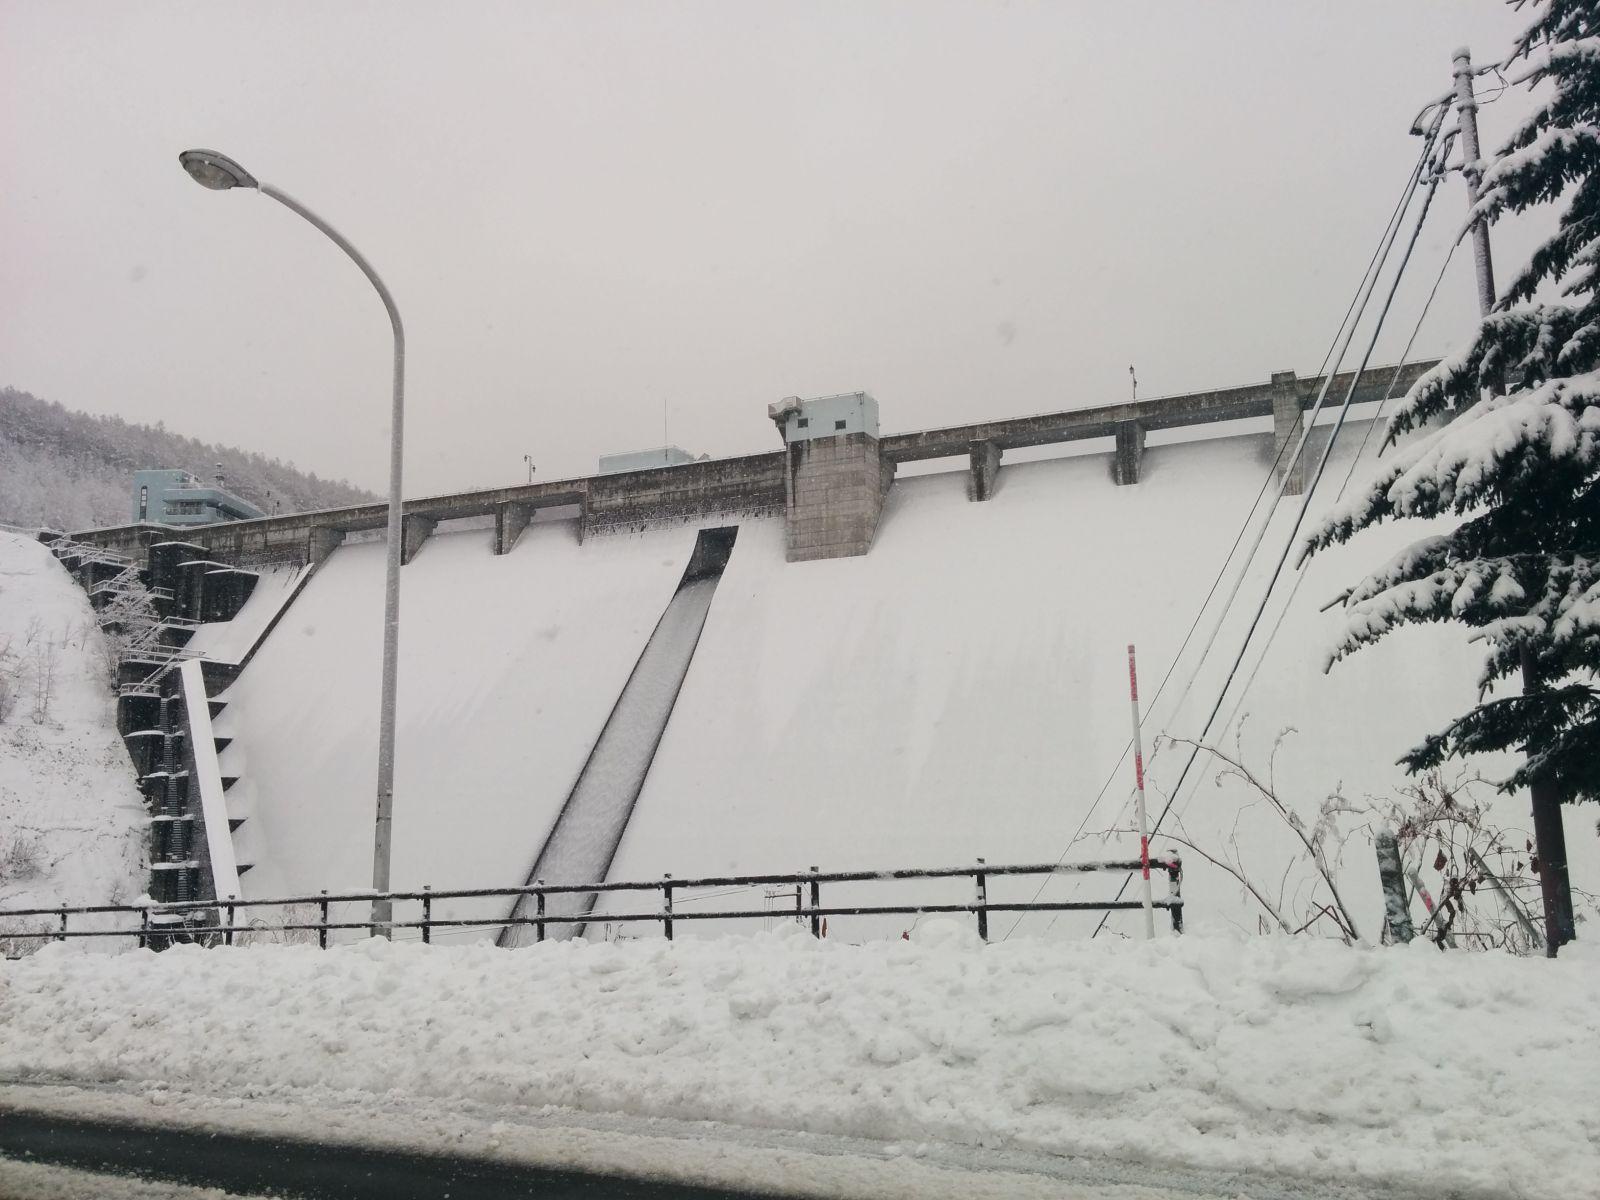 【小樽】雪の朝里ダム観光写真です。